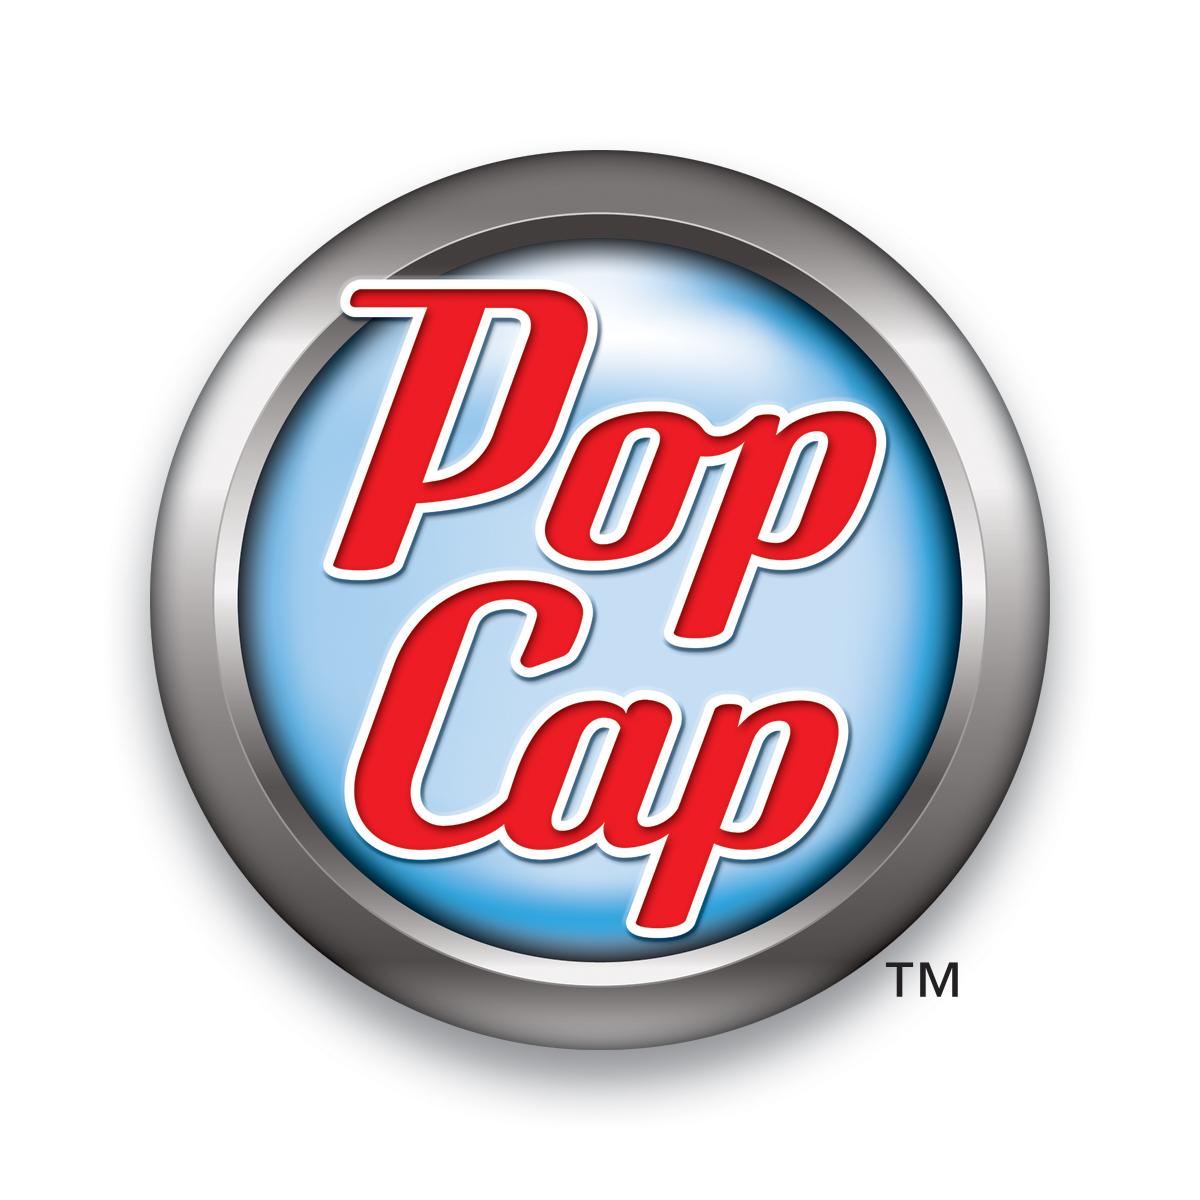 PopCap Logo photo - 1